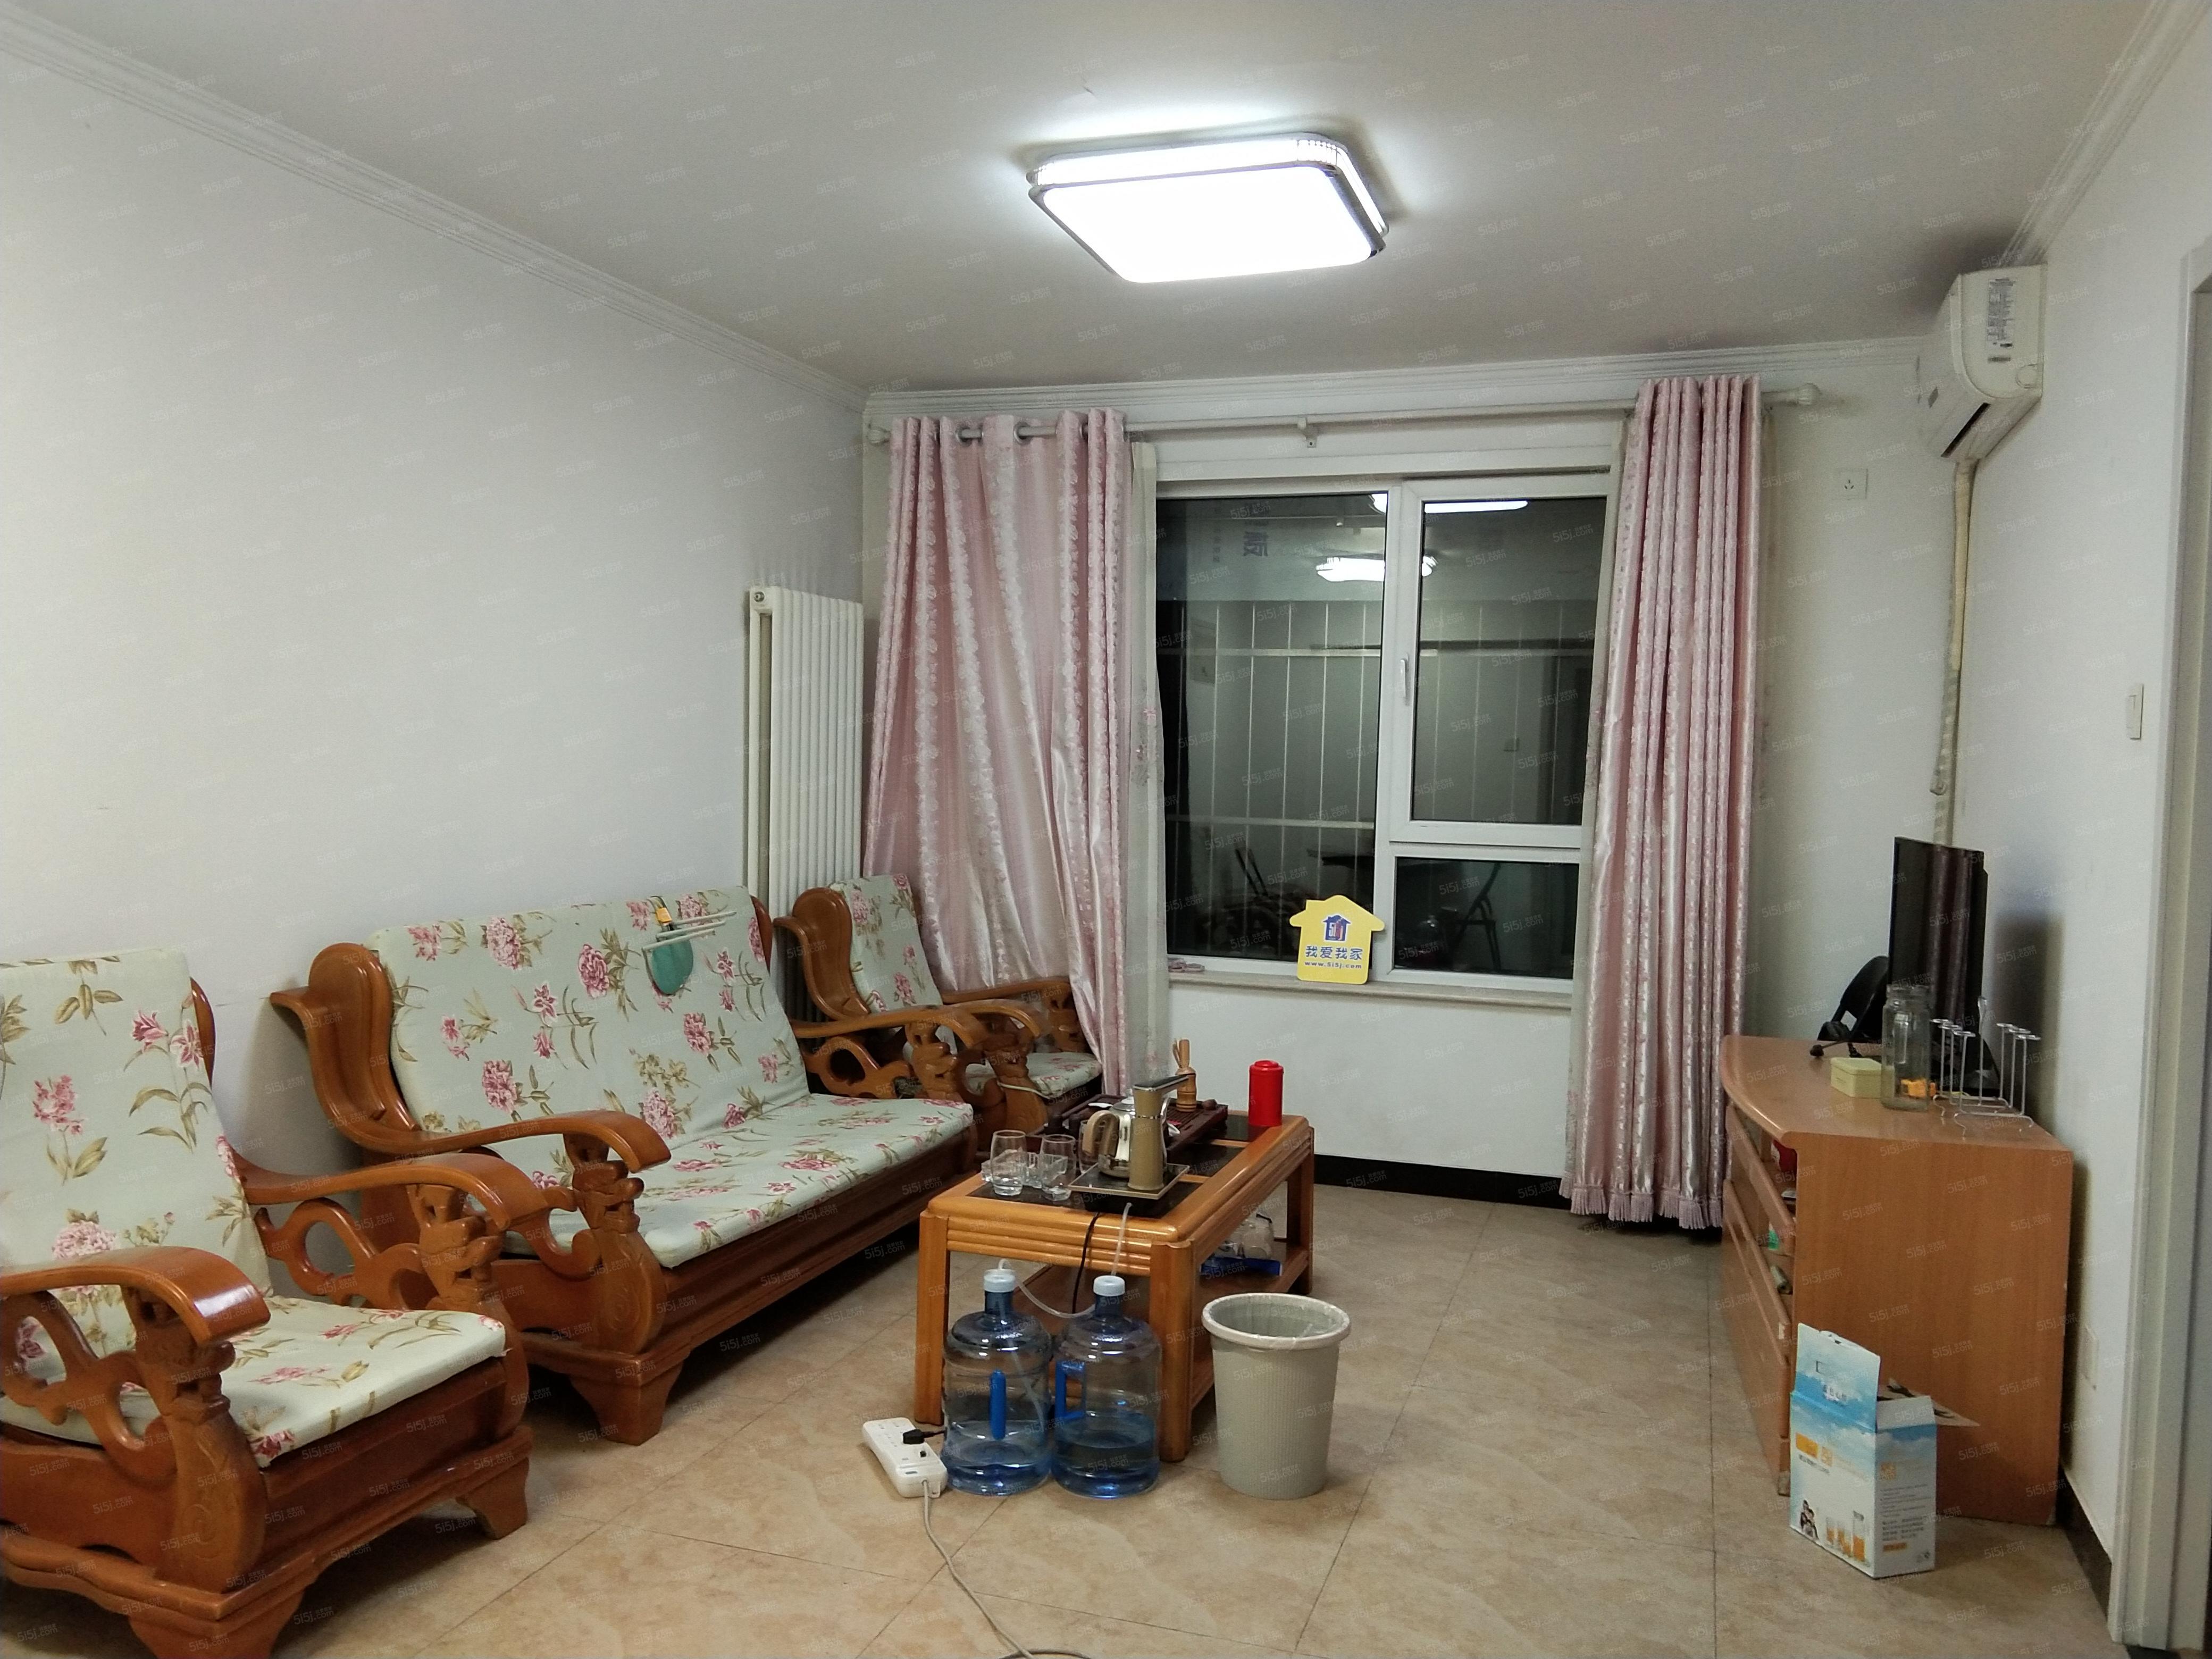 天翠阳光新城 精装两居室 南北通透 随时看房 拎包入住